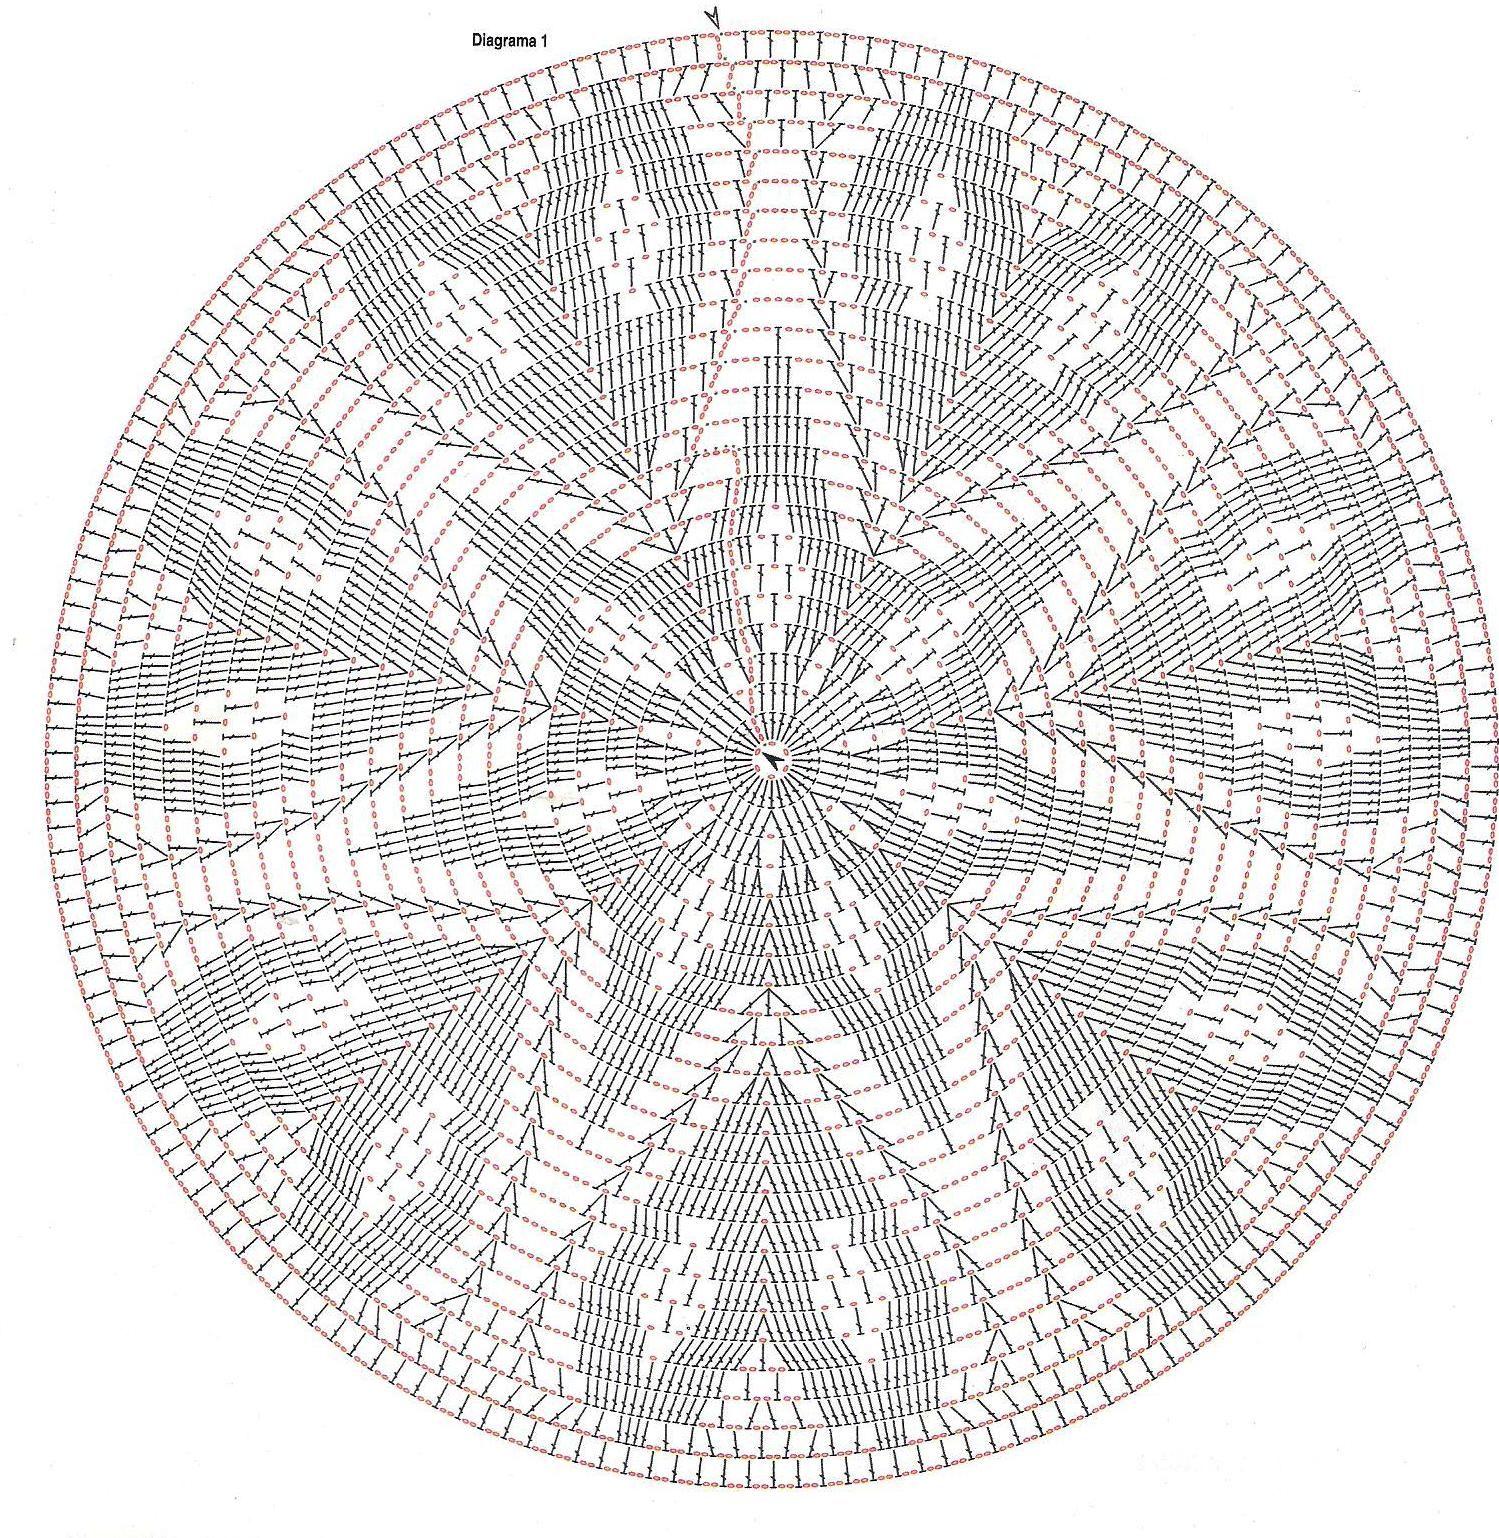 Gráfico de um tapete redondo em crochê  0a6e4bba0b5